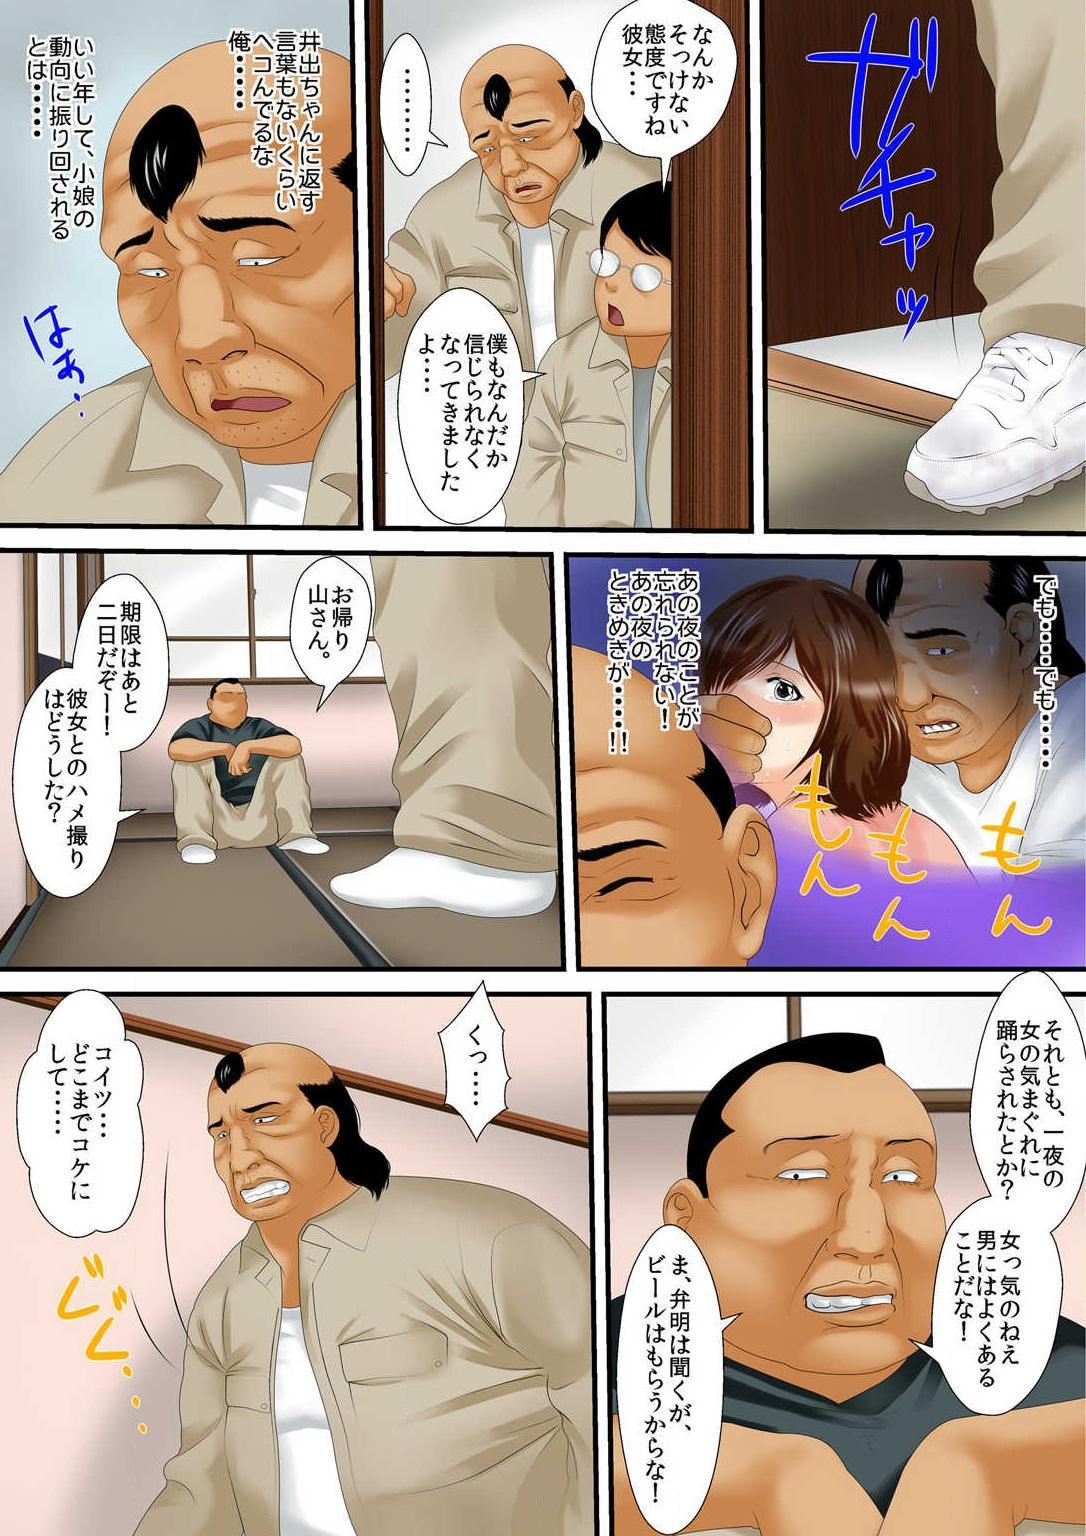 Zetsurin Oyaji ga Joshiryou de ~Sonna ni Dashitara Ninshin shichau!! 1 53